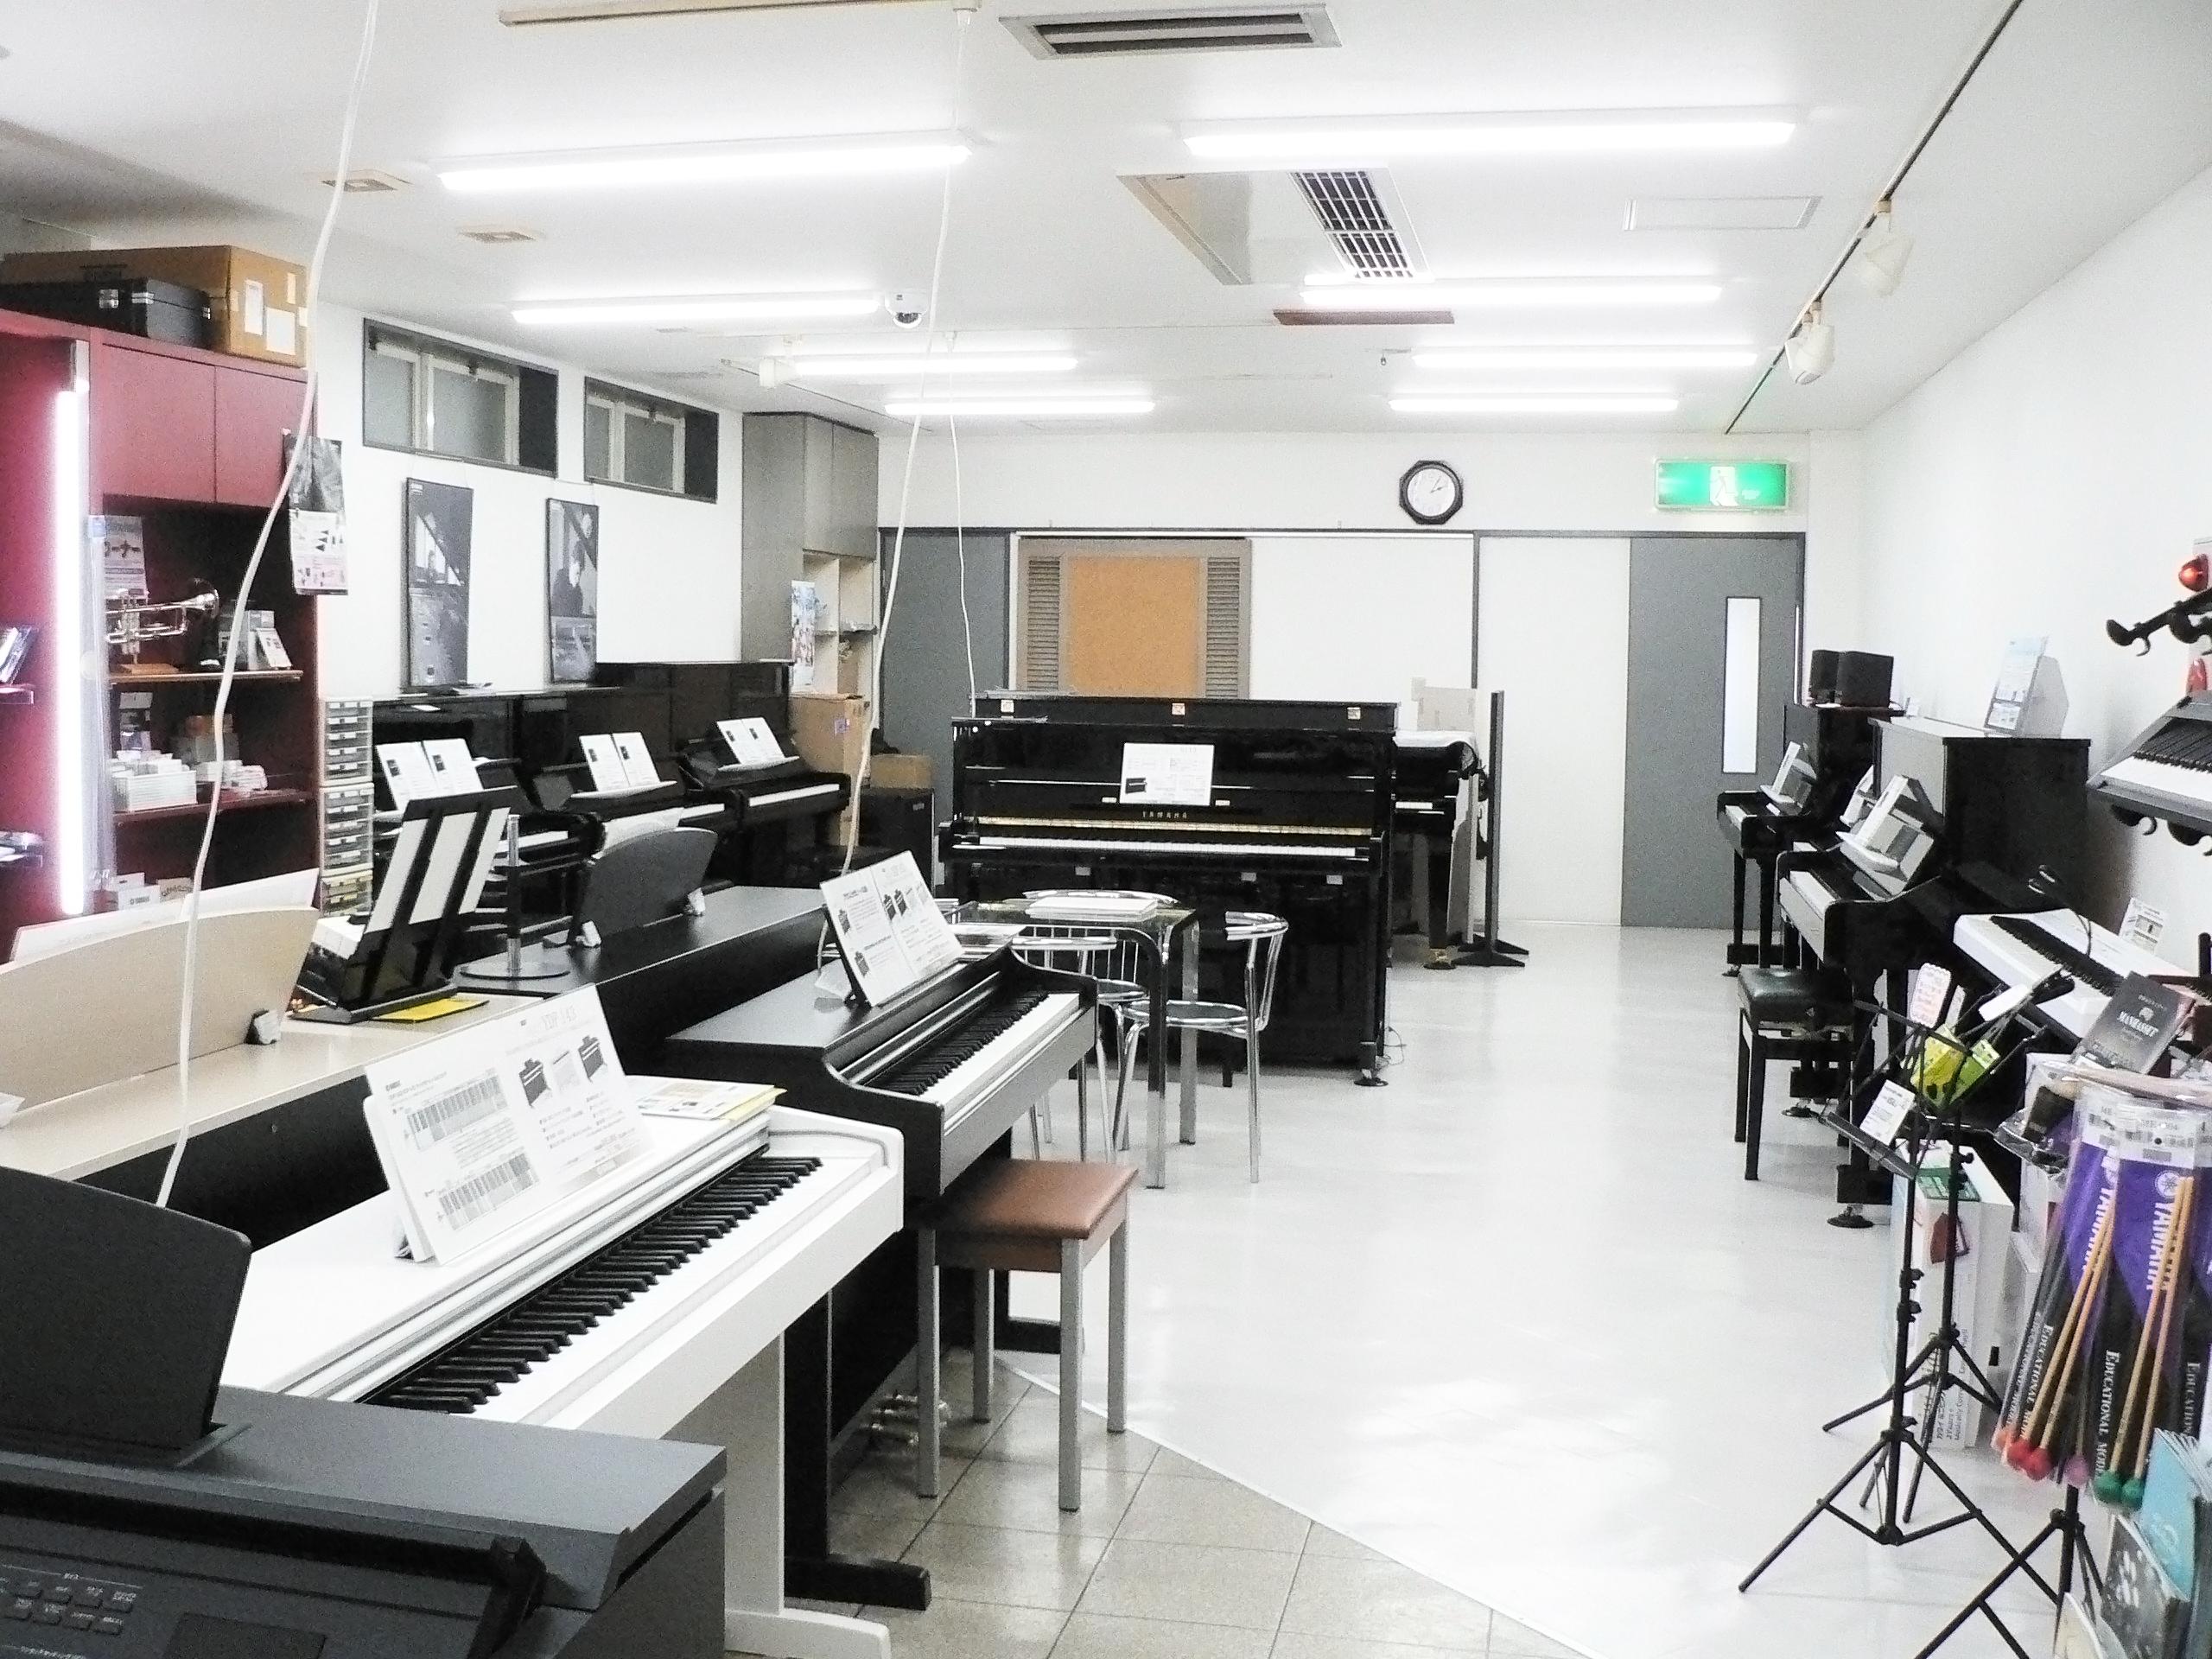 ヤマハ電子ピアノ・アップライトピアノ・グランドピアノ